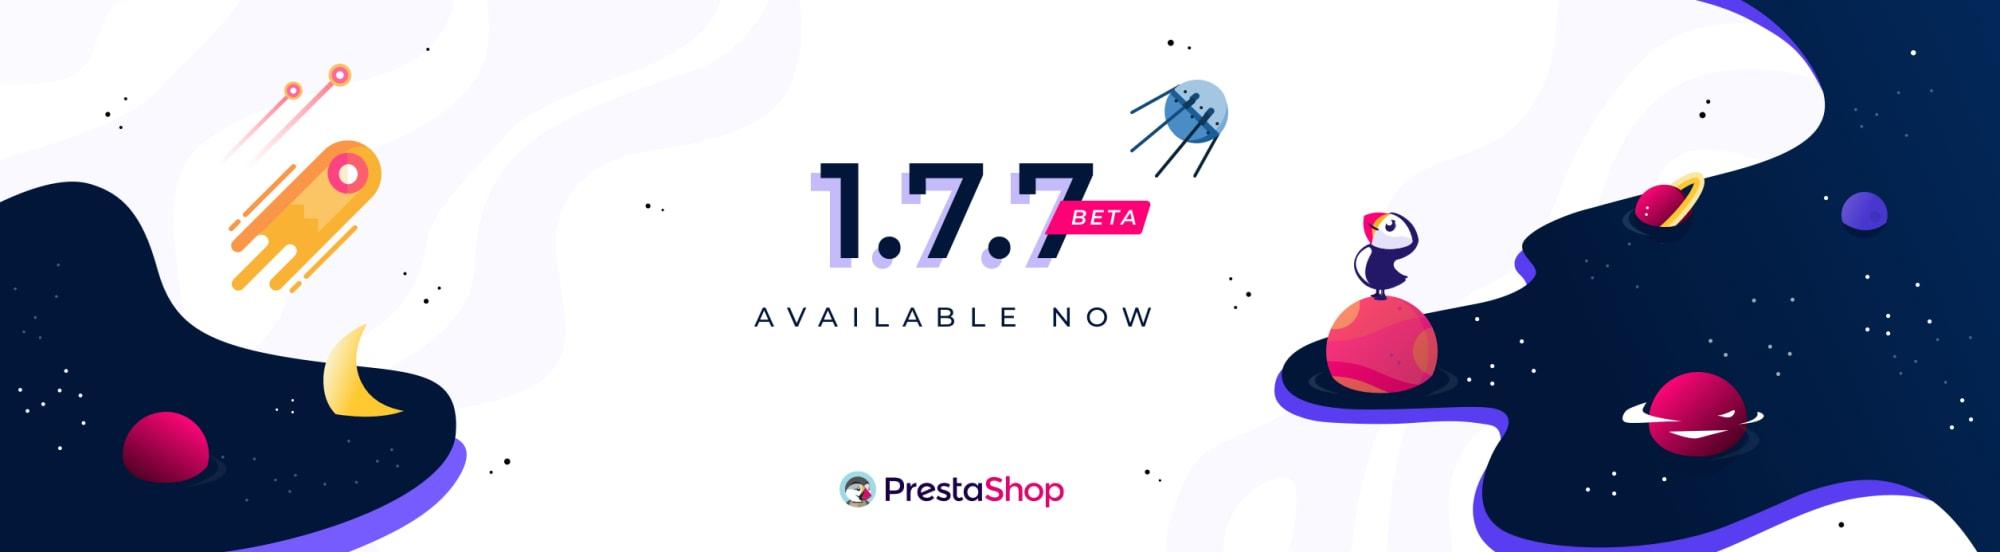 Prestashop 1.7.7 - Nouveautés et améliorations